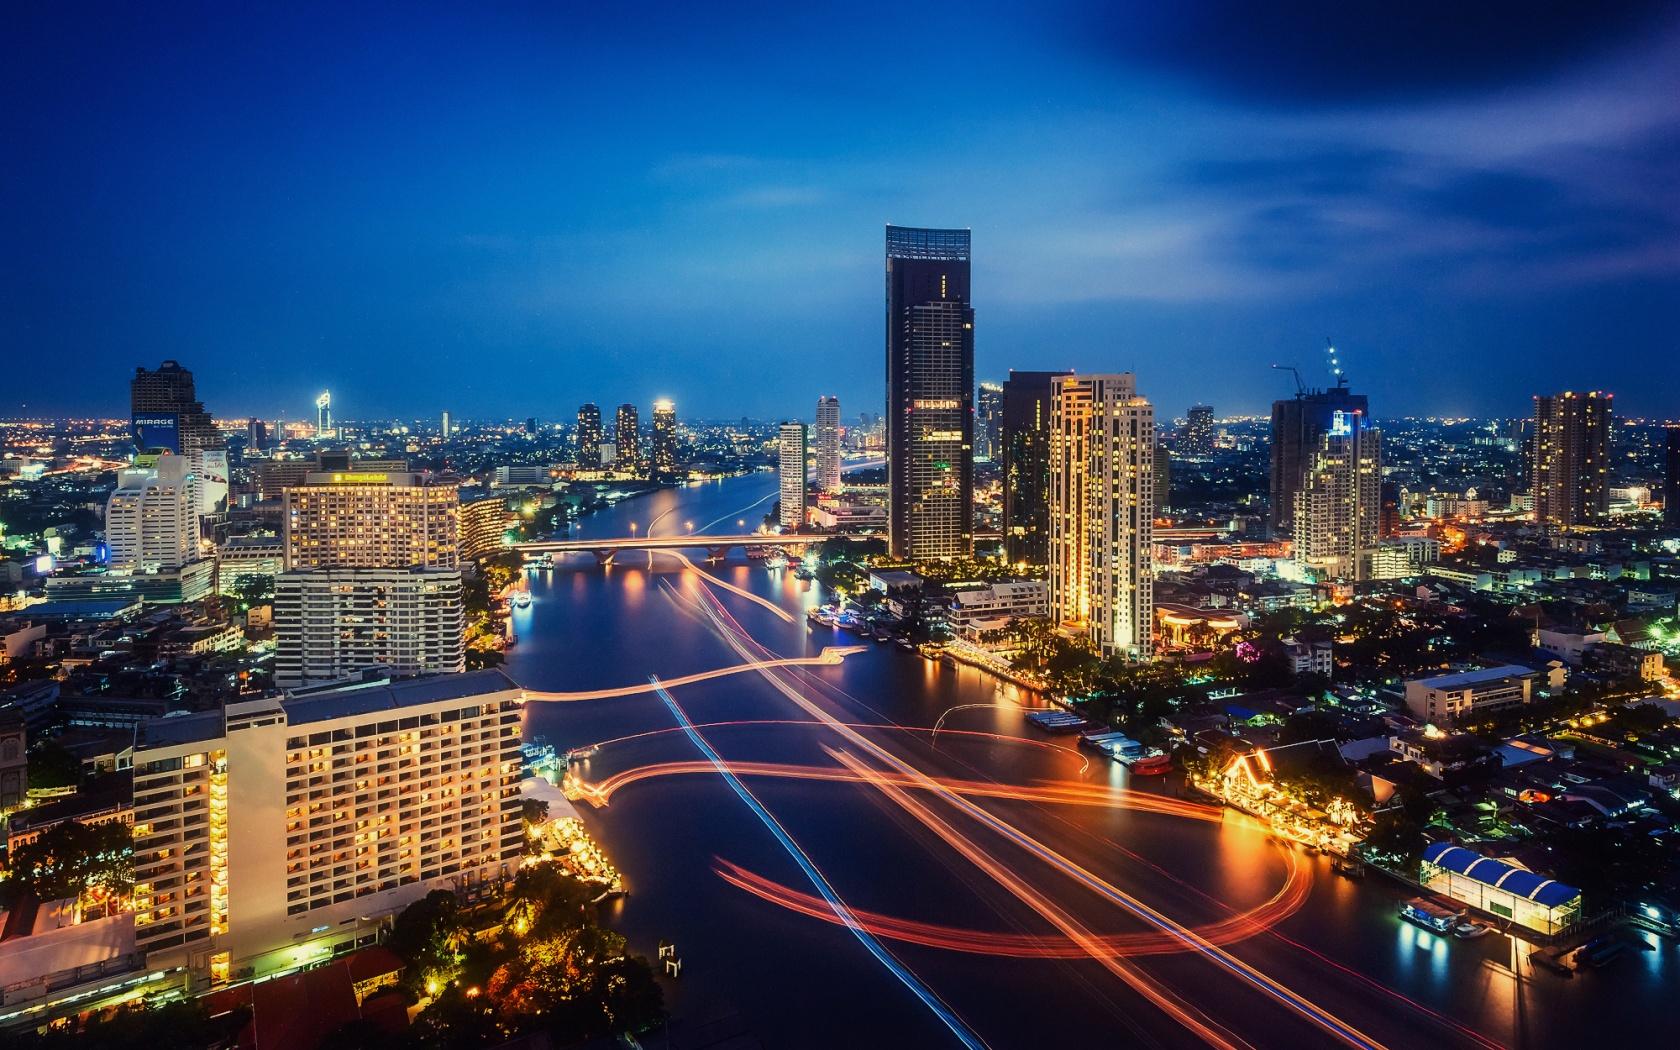 Супер красивые фото городов